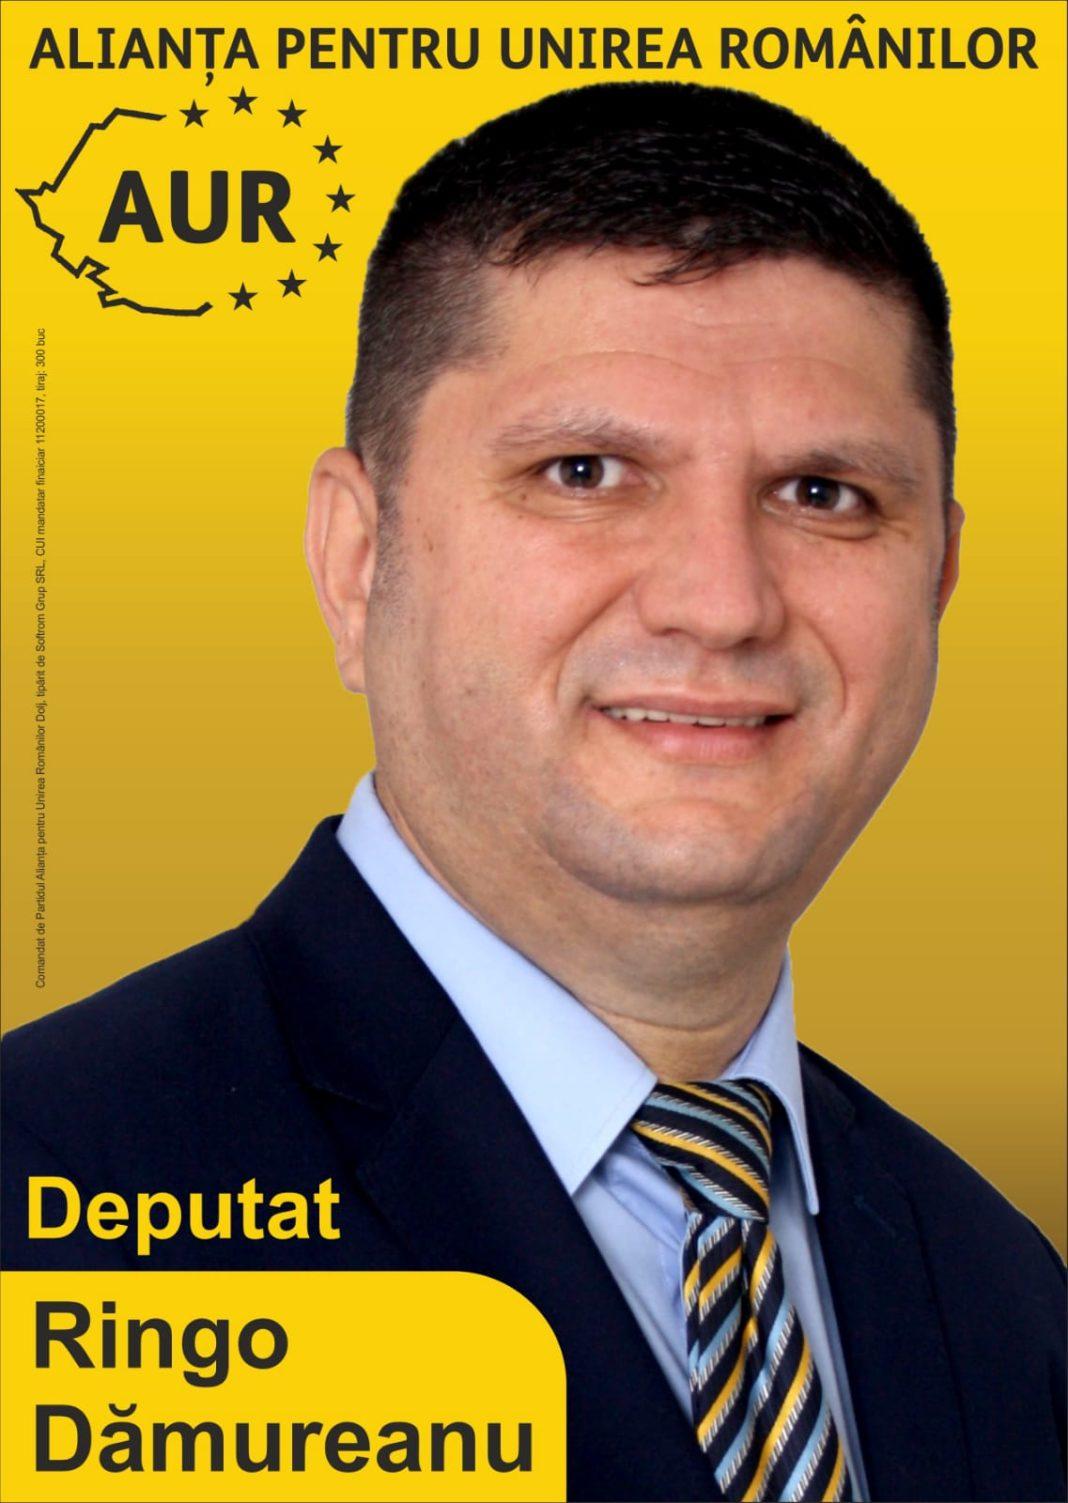 Ringo Dămureanu candidat pe lista Alianței pentru Unirea Românilor – Partidul AUR